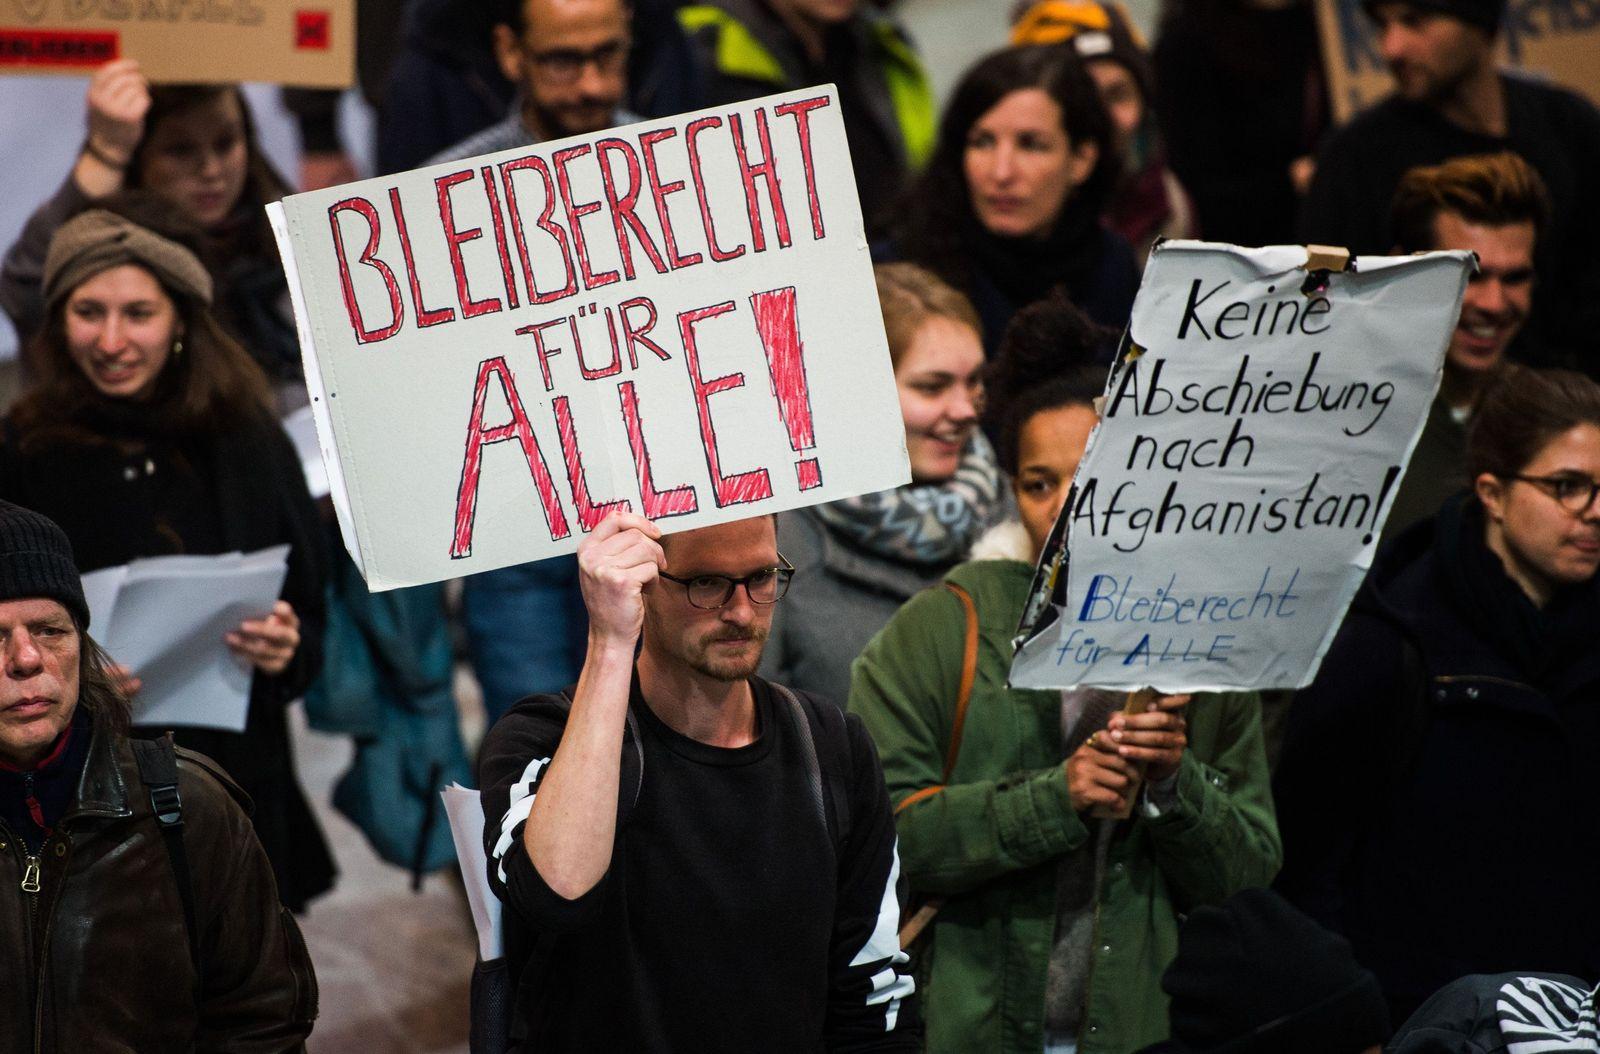 Demo gegen Abschiebung am Frankfurter Flughafen